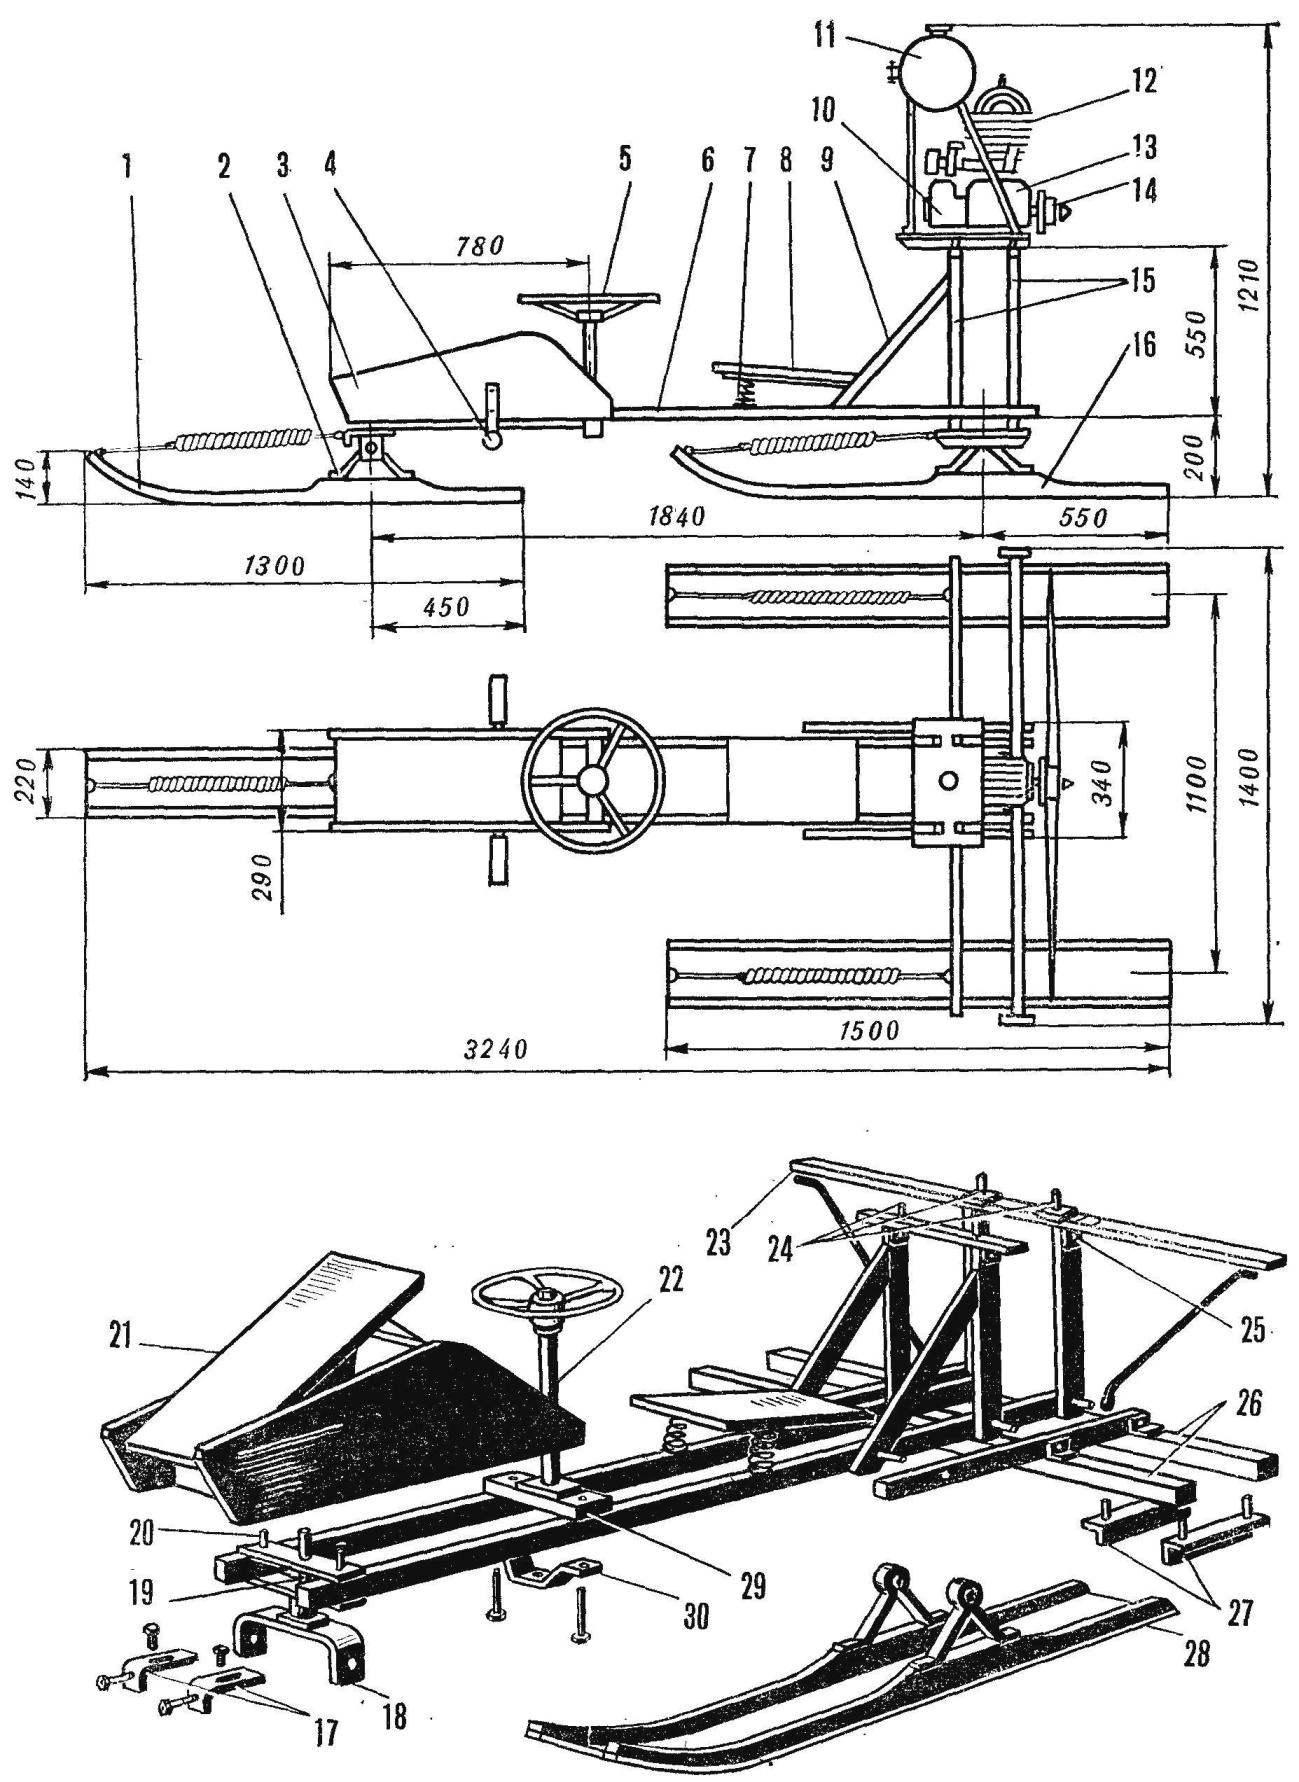 Рис. 1. Конструкция аэросаней «Старт»